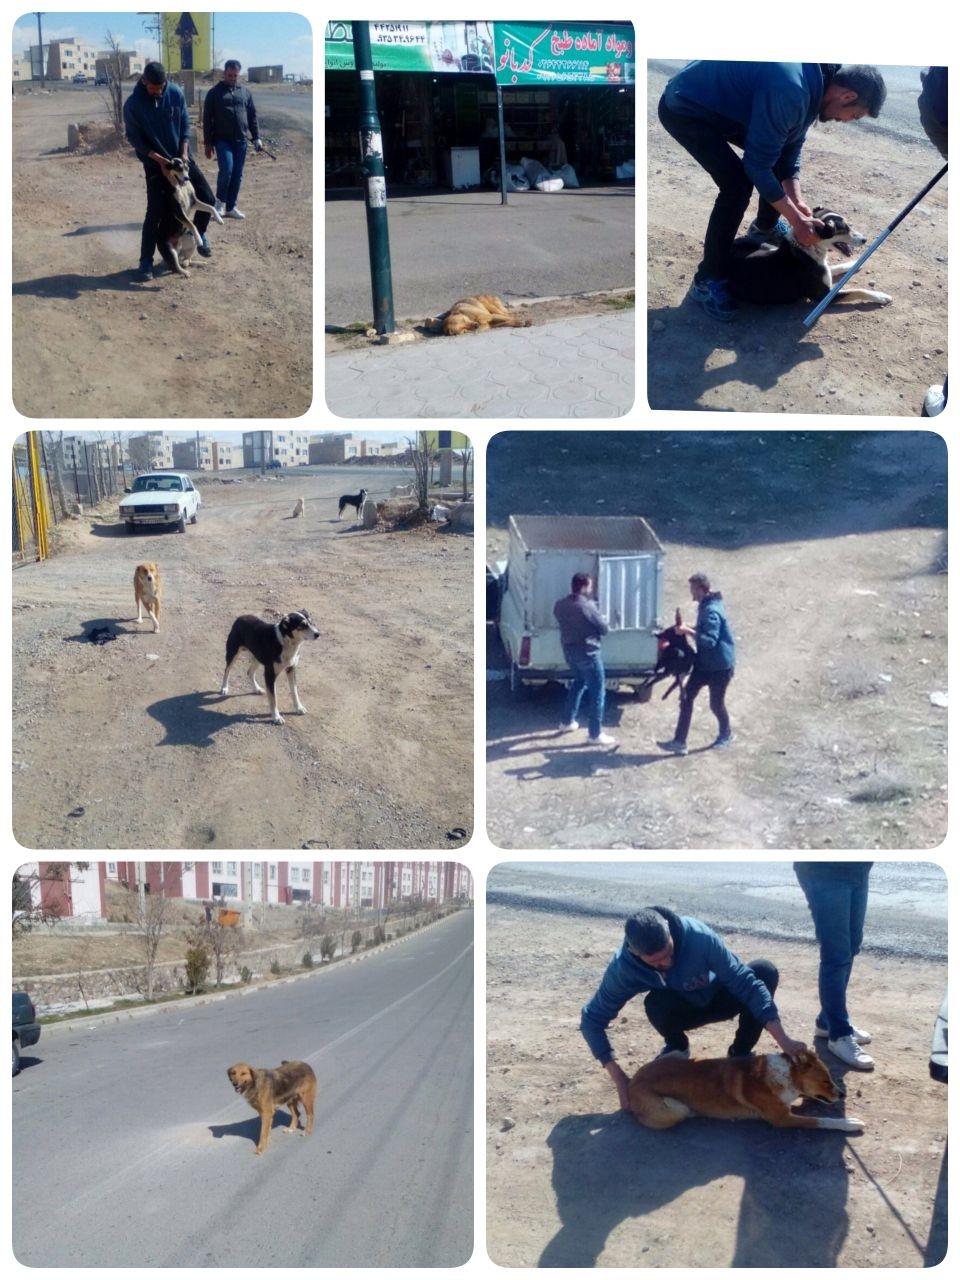 ۱۲۰۰ قلاده سگ بلاصاحب از سطح شهرجدیدهشتگرد توسط شهرداری زنده گیری شد